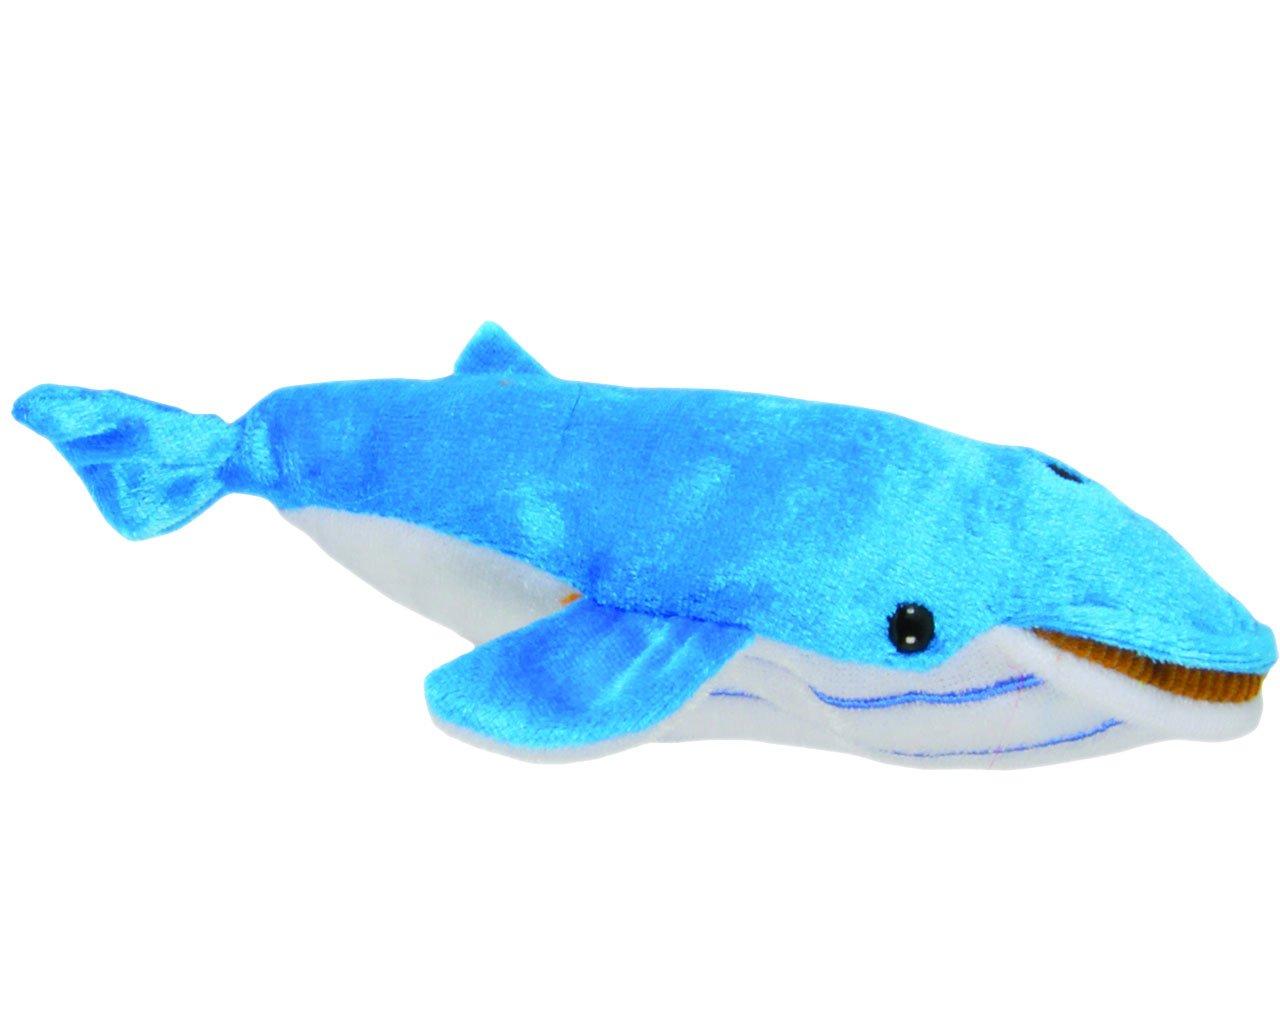 Fisch Unterwasser Pl/üsch Fische alles-meine.de GmbH Fingerpuppe Name superweic.. Handpuppe // Handspielpuppe incl Fingertiere // Fingerspielpuppe Wal // Blauwal